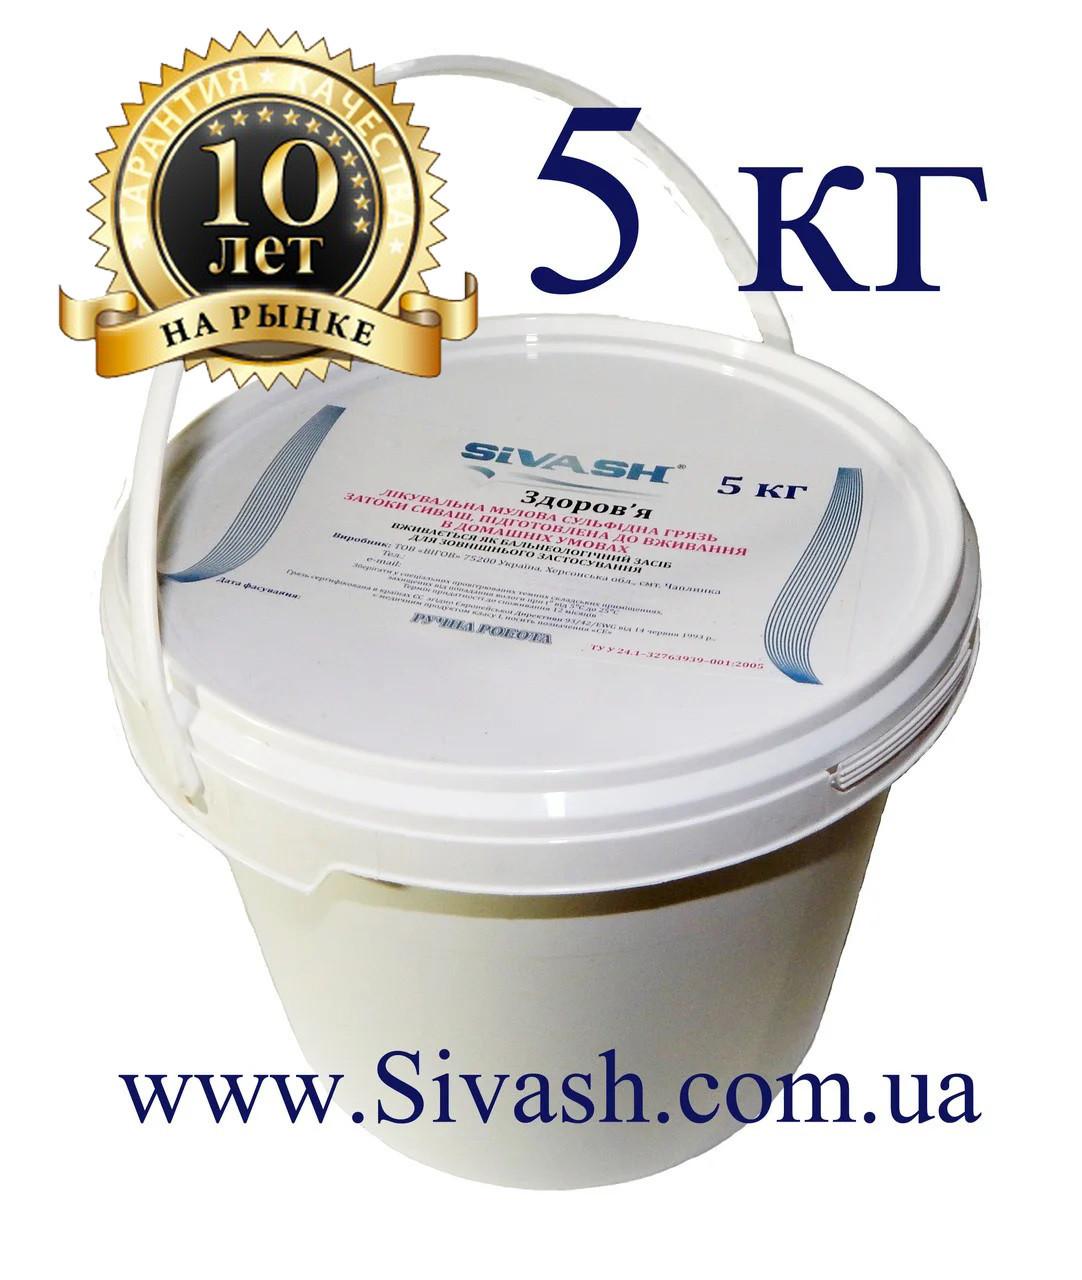 Грязь лечебная озера Сиваш 5 кг Целебная грязь имеет сертификат качества